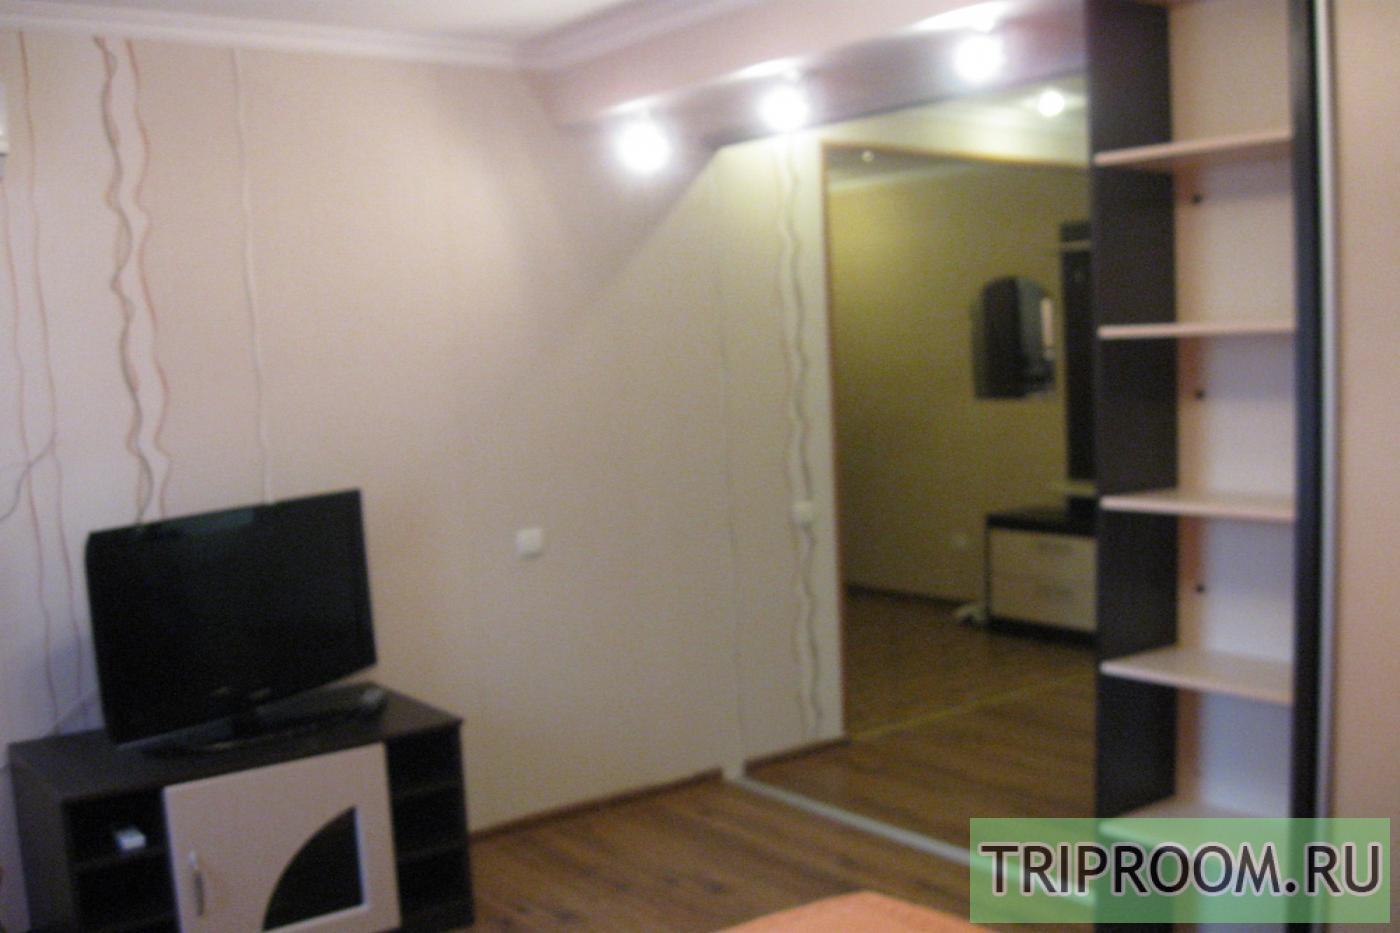 2-комнатная квартира посуточно (вариант № 20528), ул. Московская улица, фото № 3